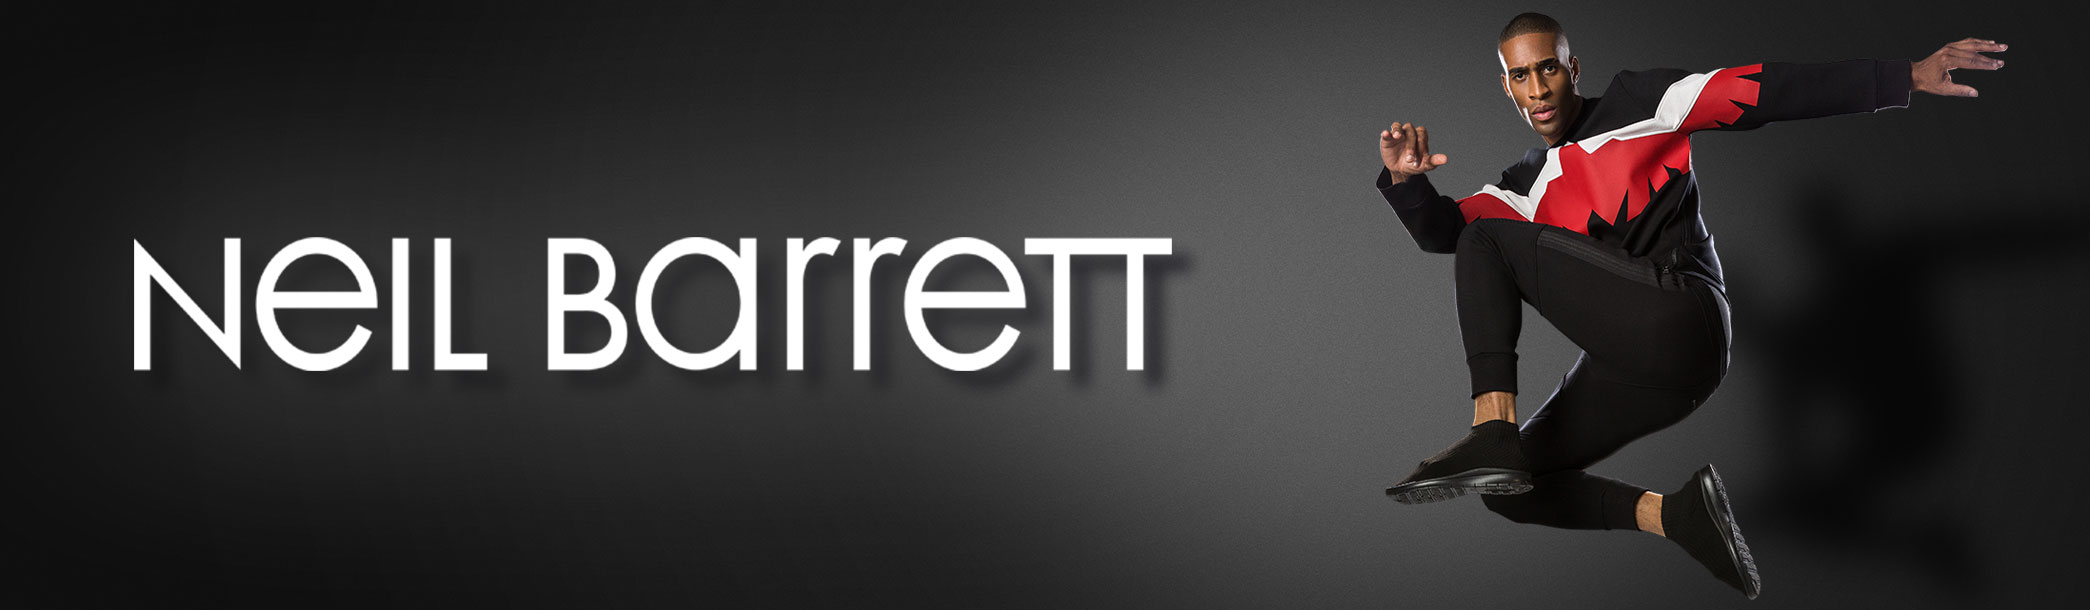 Brand Spotlight: Neil Barrett for Men